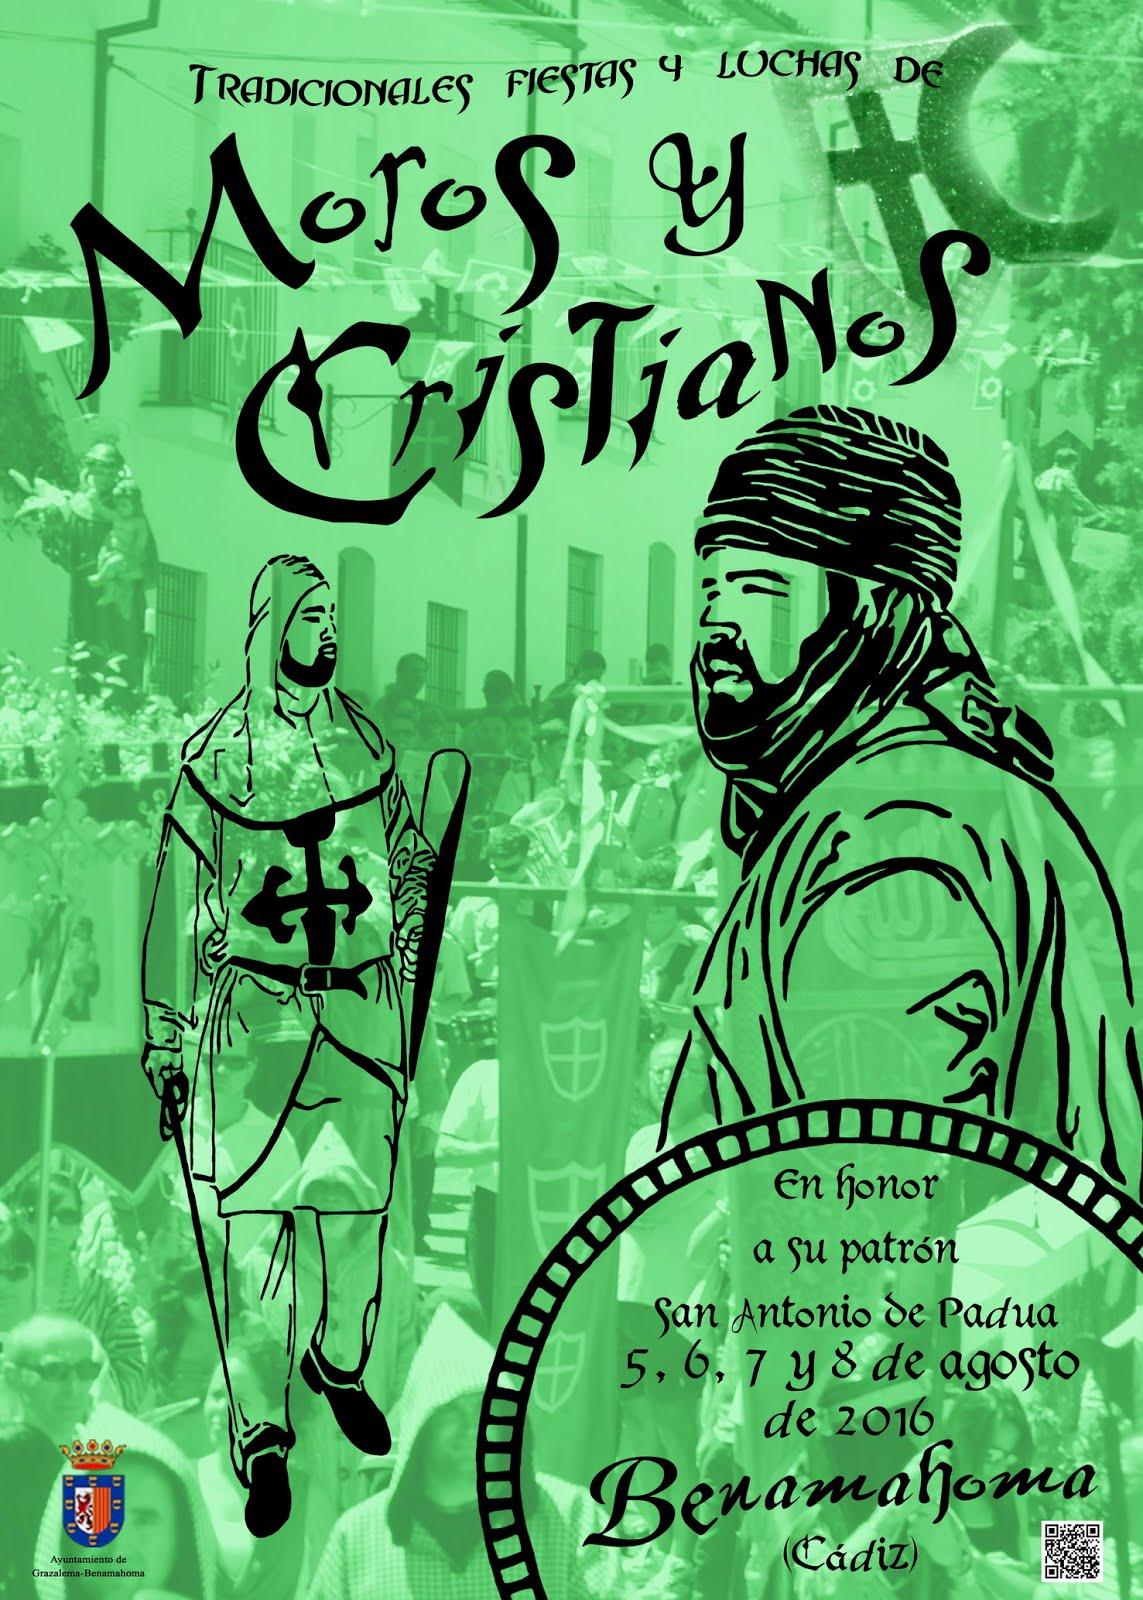 Fiestas de Moros y Criatianos en Benamahoma